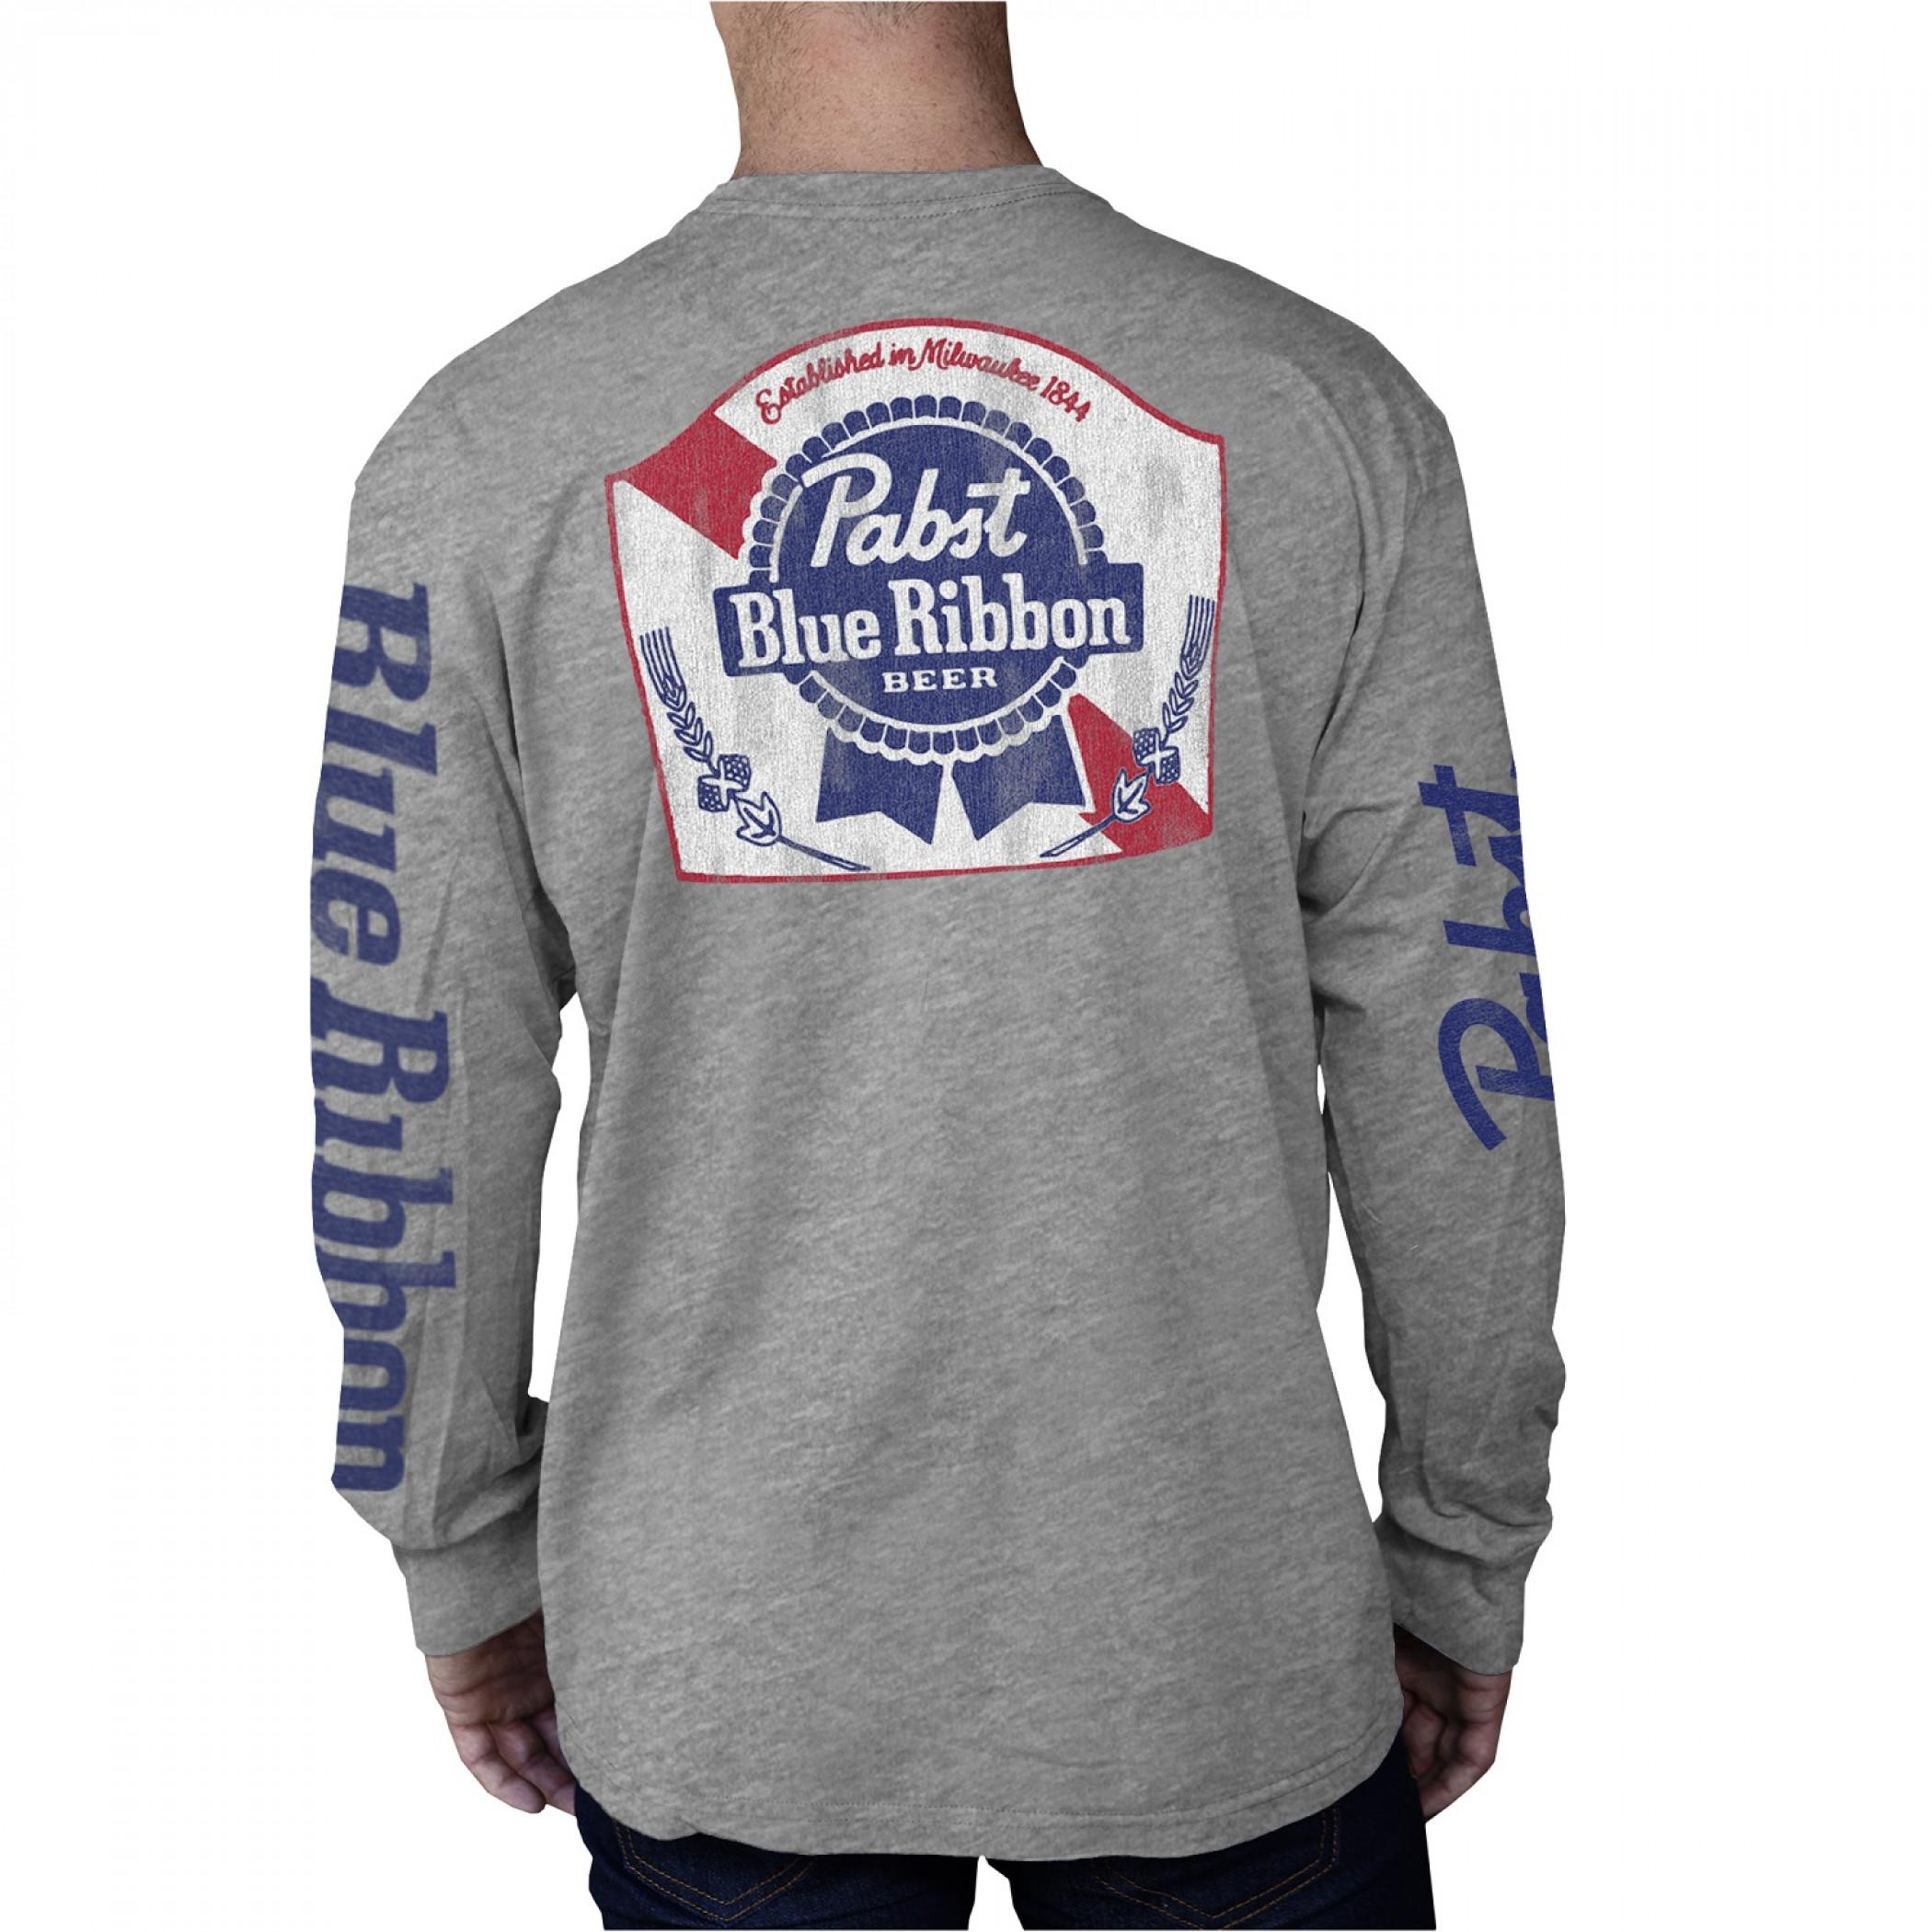 Pabst Blue Ribbon Beer Logo and Sleeve Print Long Sleeve Shirt